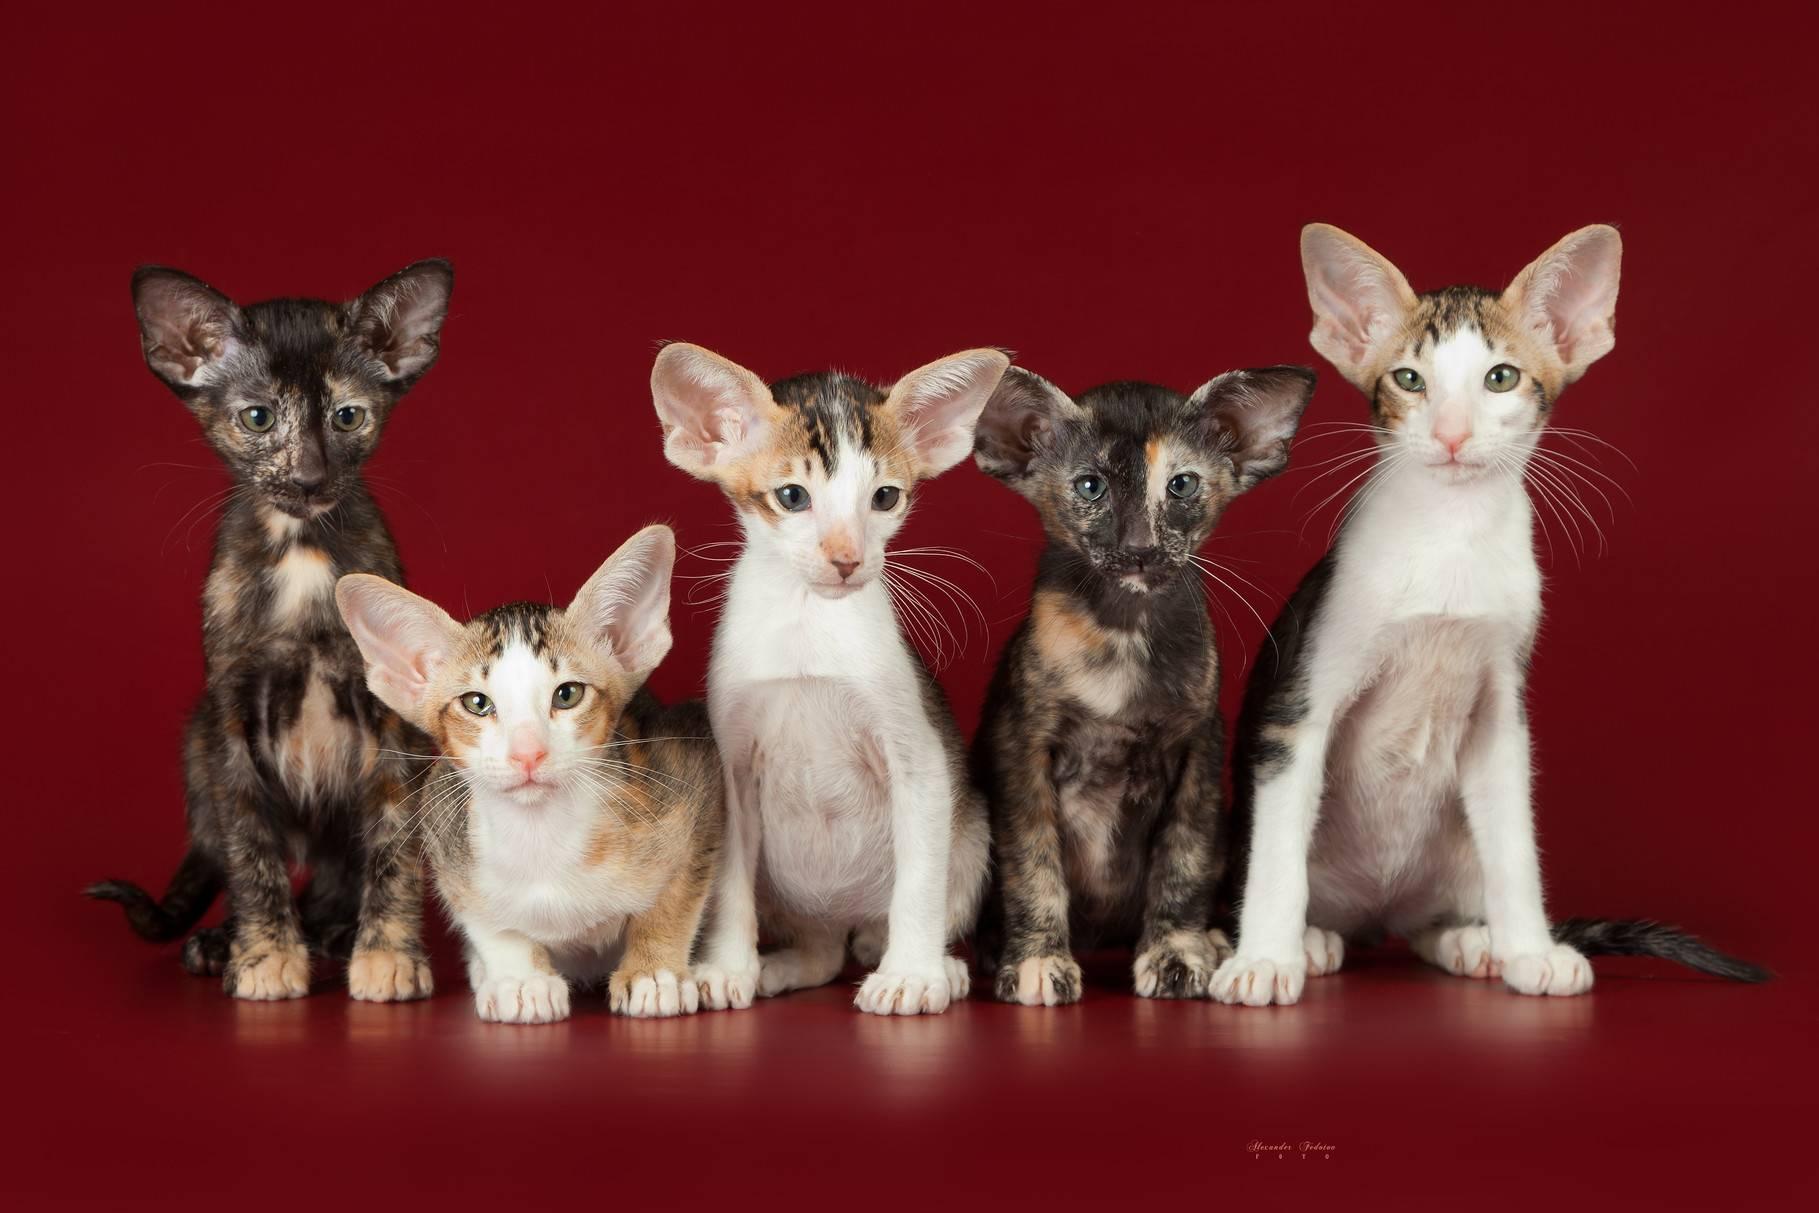 Мышиный котик: характеристика внешности кота и поведение пород кошек с большими ушами